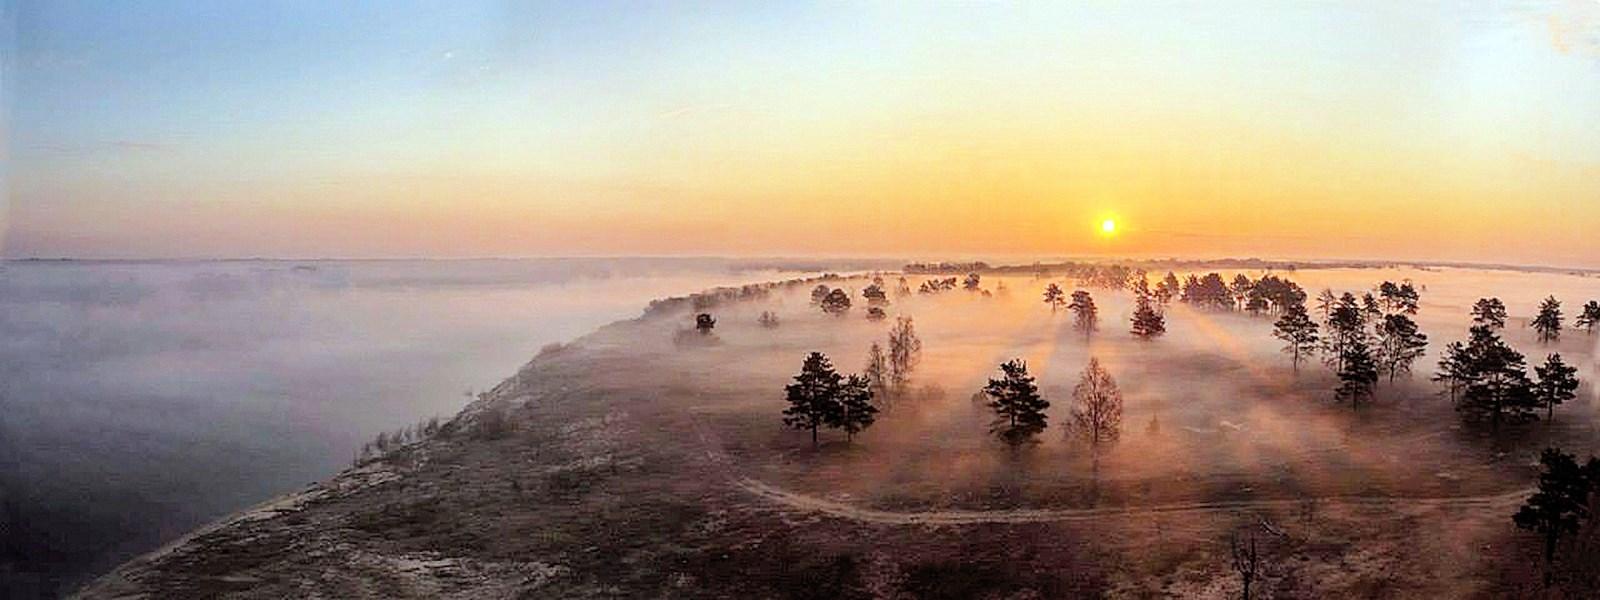 00 Yevgeni Vorobyov. Dawn on the border of Vladimir and Nizhny Novgorod oblasts. 2015